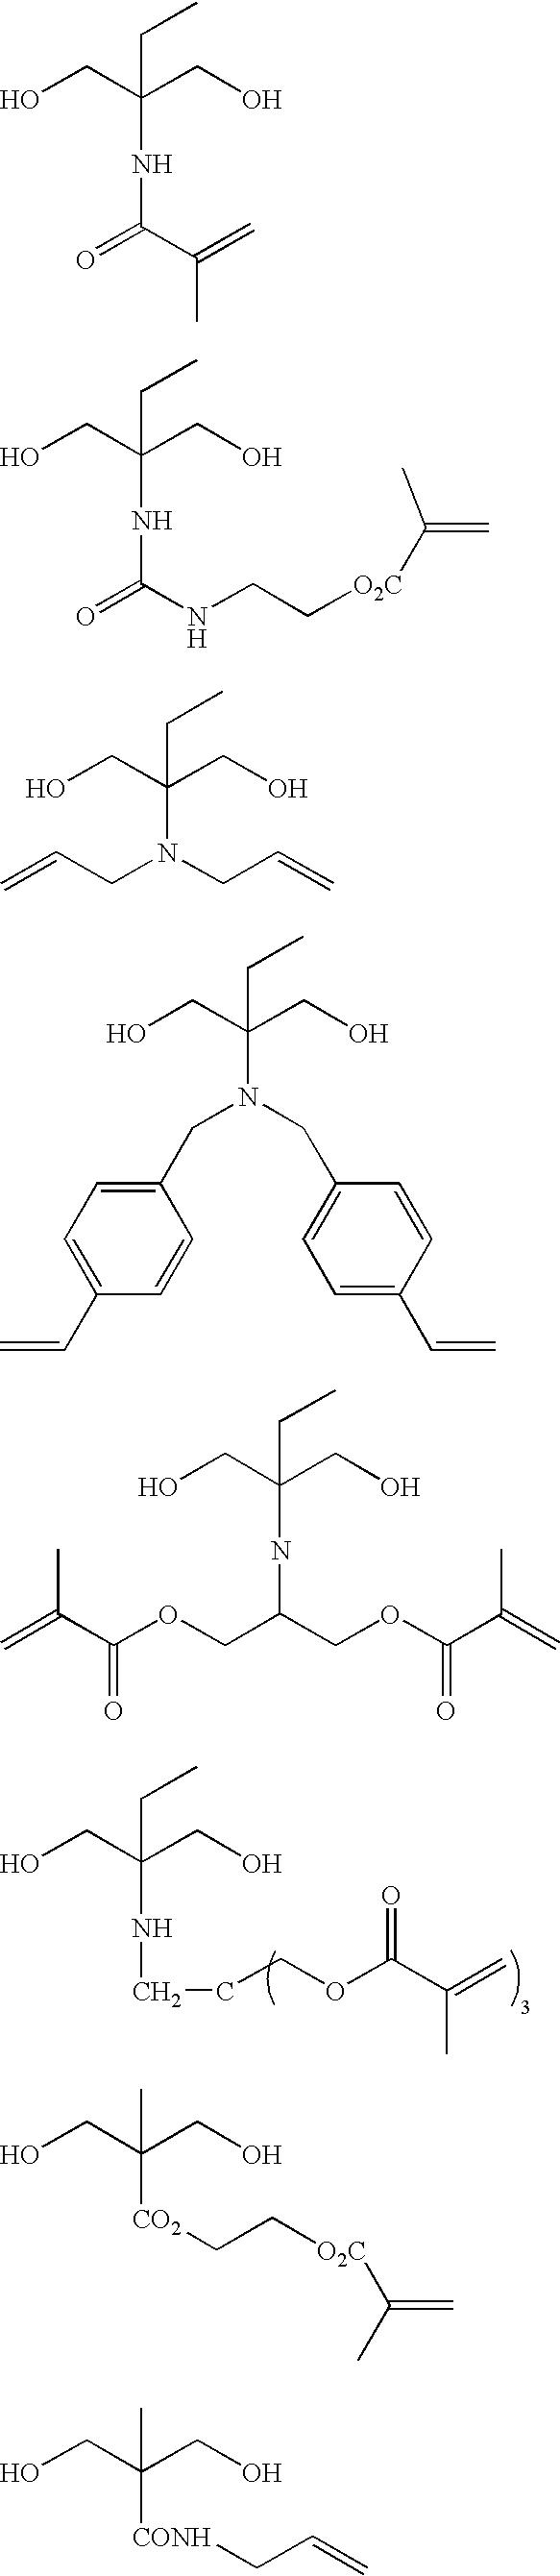 Figure US20090246653A1-20091001-C00021